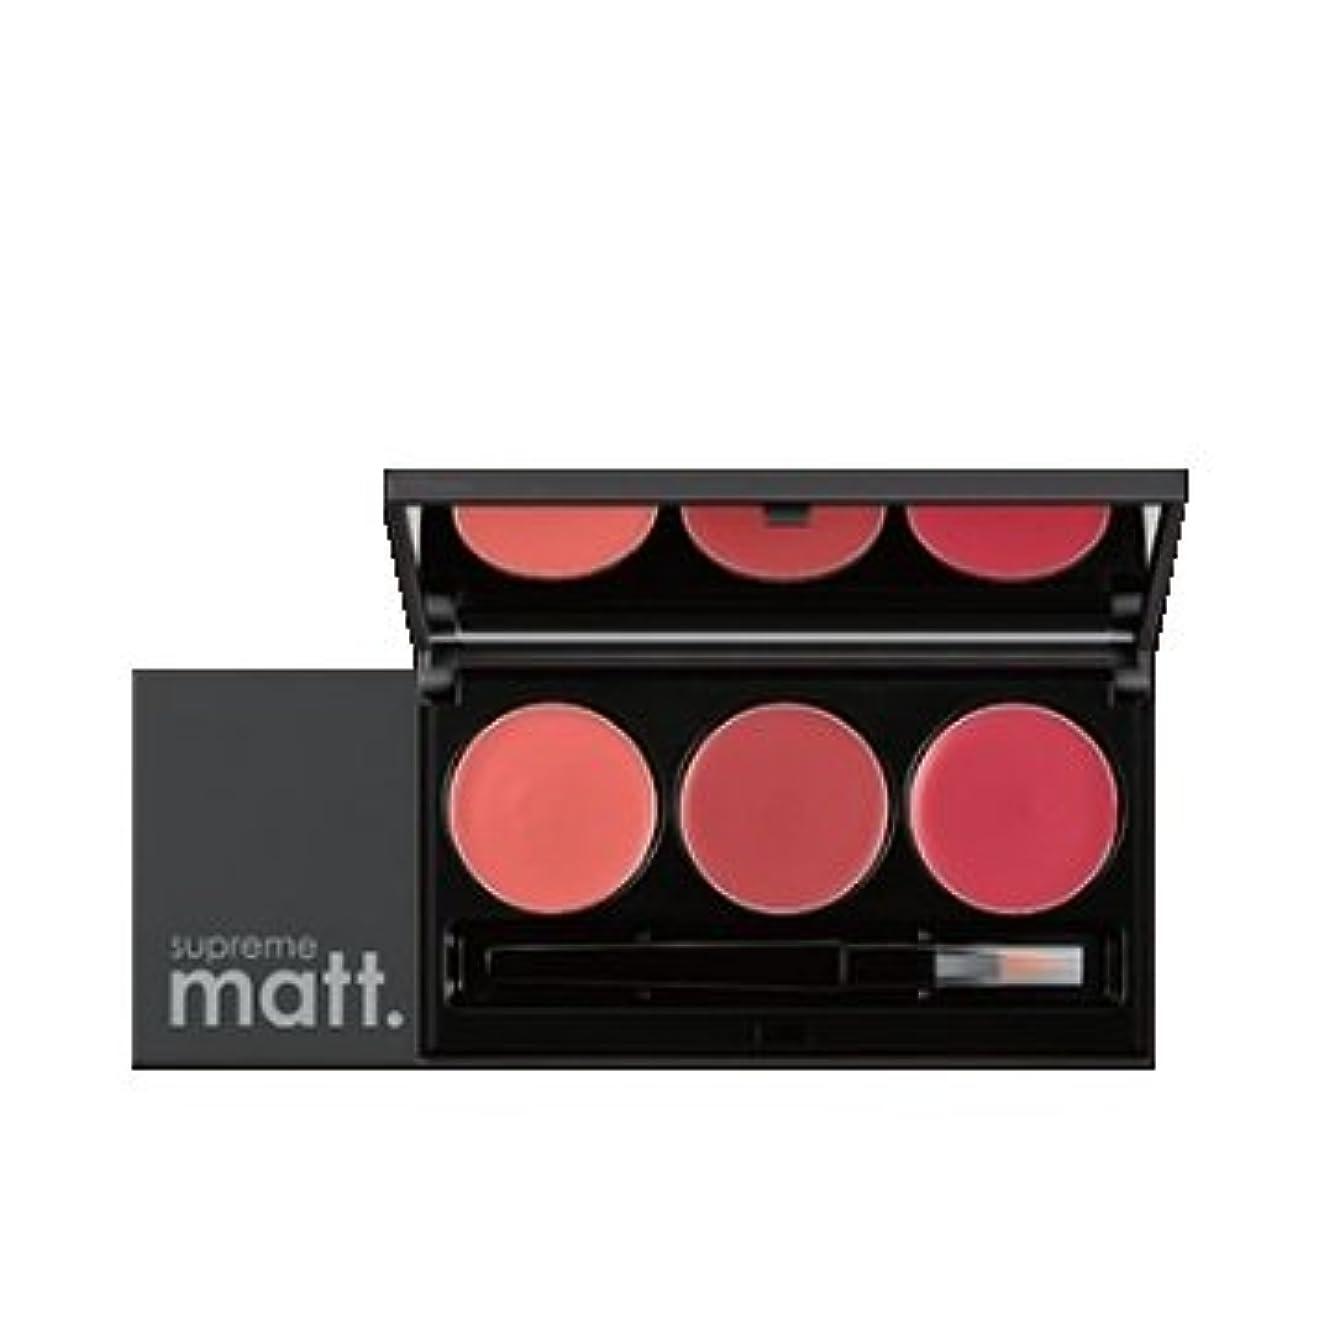 家トラフ化学[サンプル] MISSHA Supreme Matt Lip Rouge Lip Palette / ミシャ シュープリームマットリップルージュリップパレット [並行輸入品]